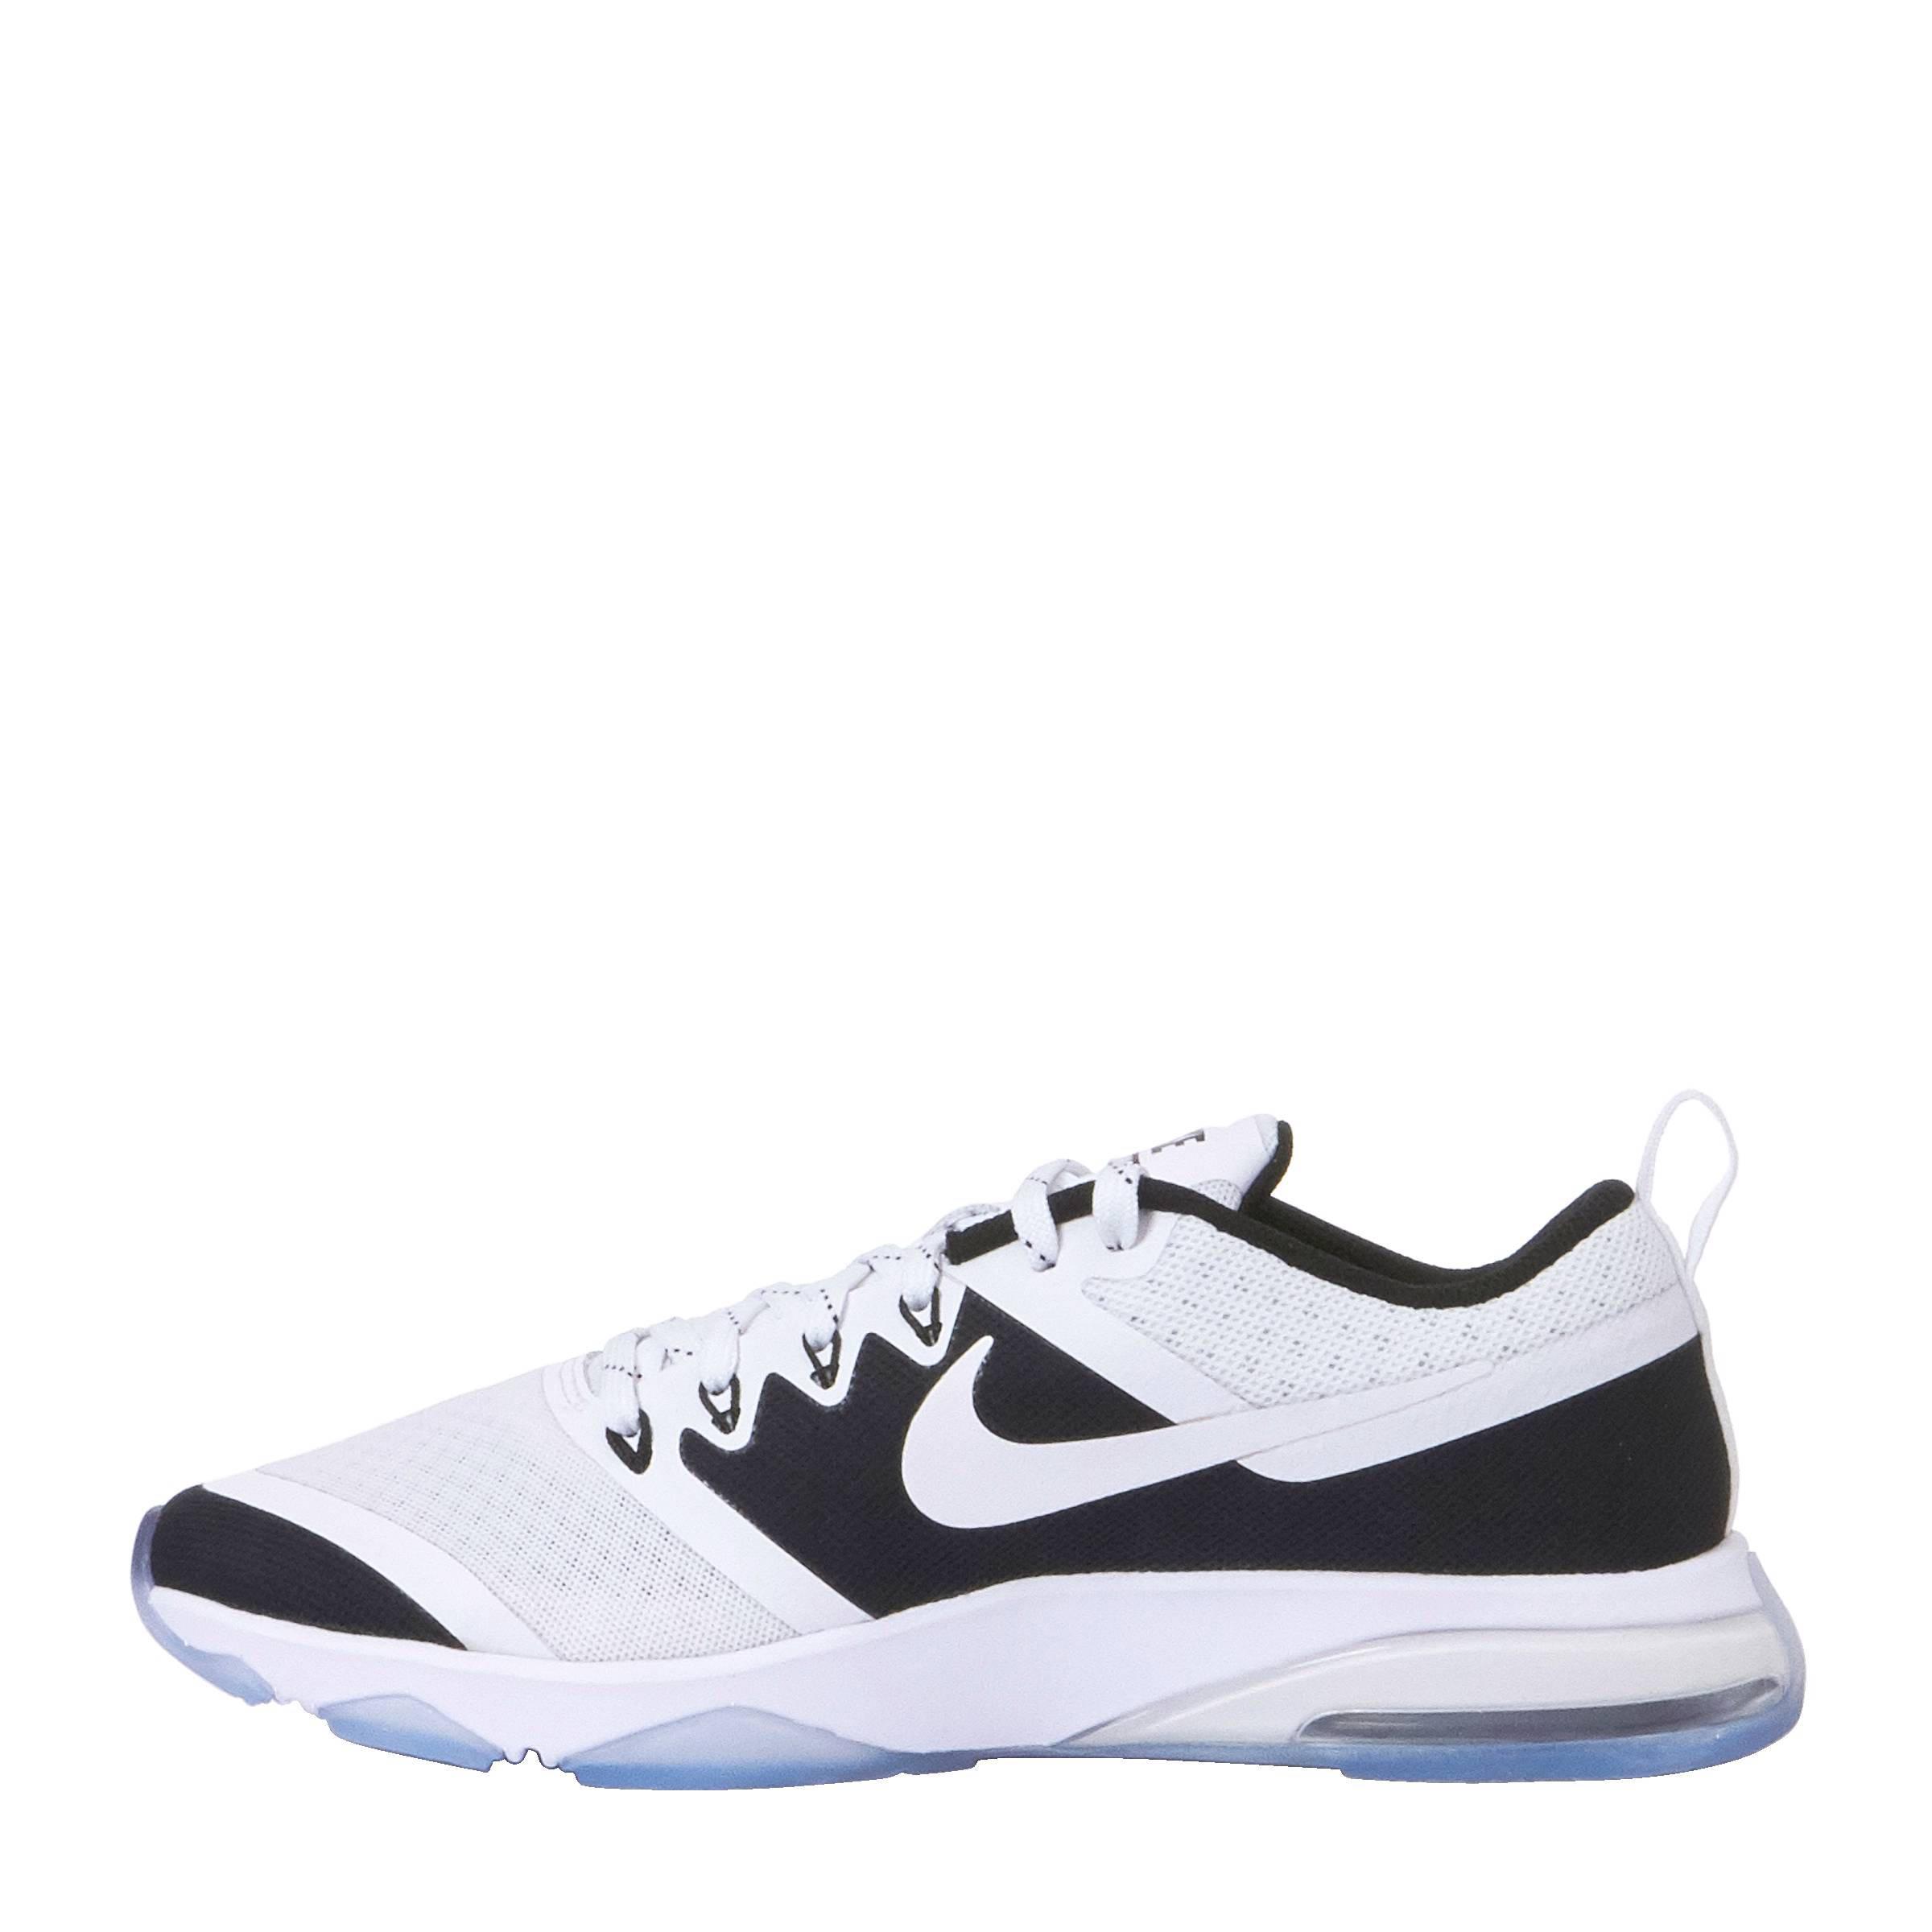 buy online 84ccb ade90 Nike Air Zoom fitness schoenen | wehkamp